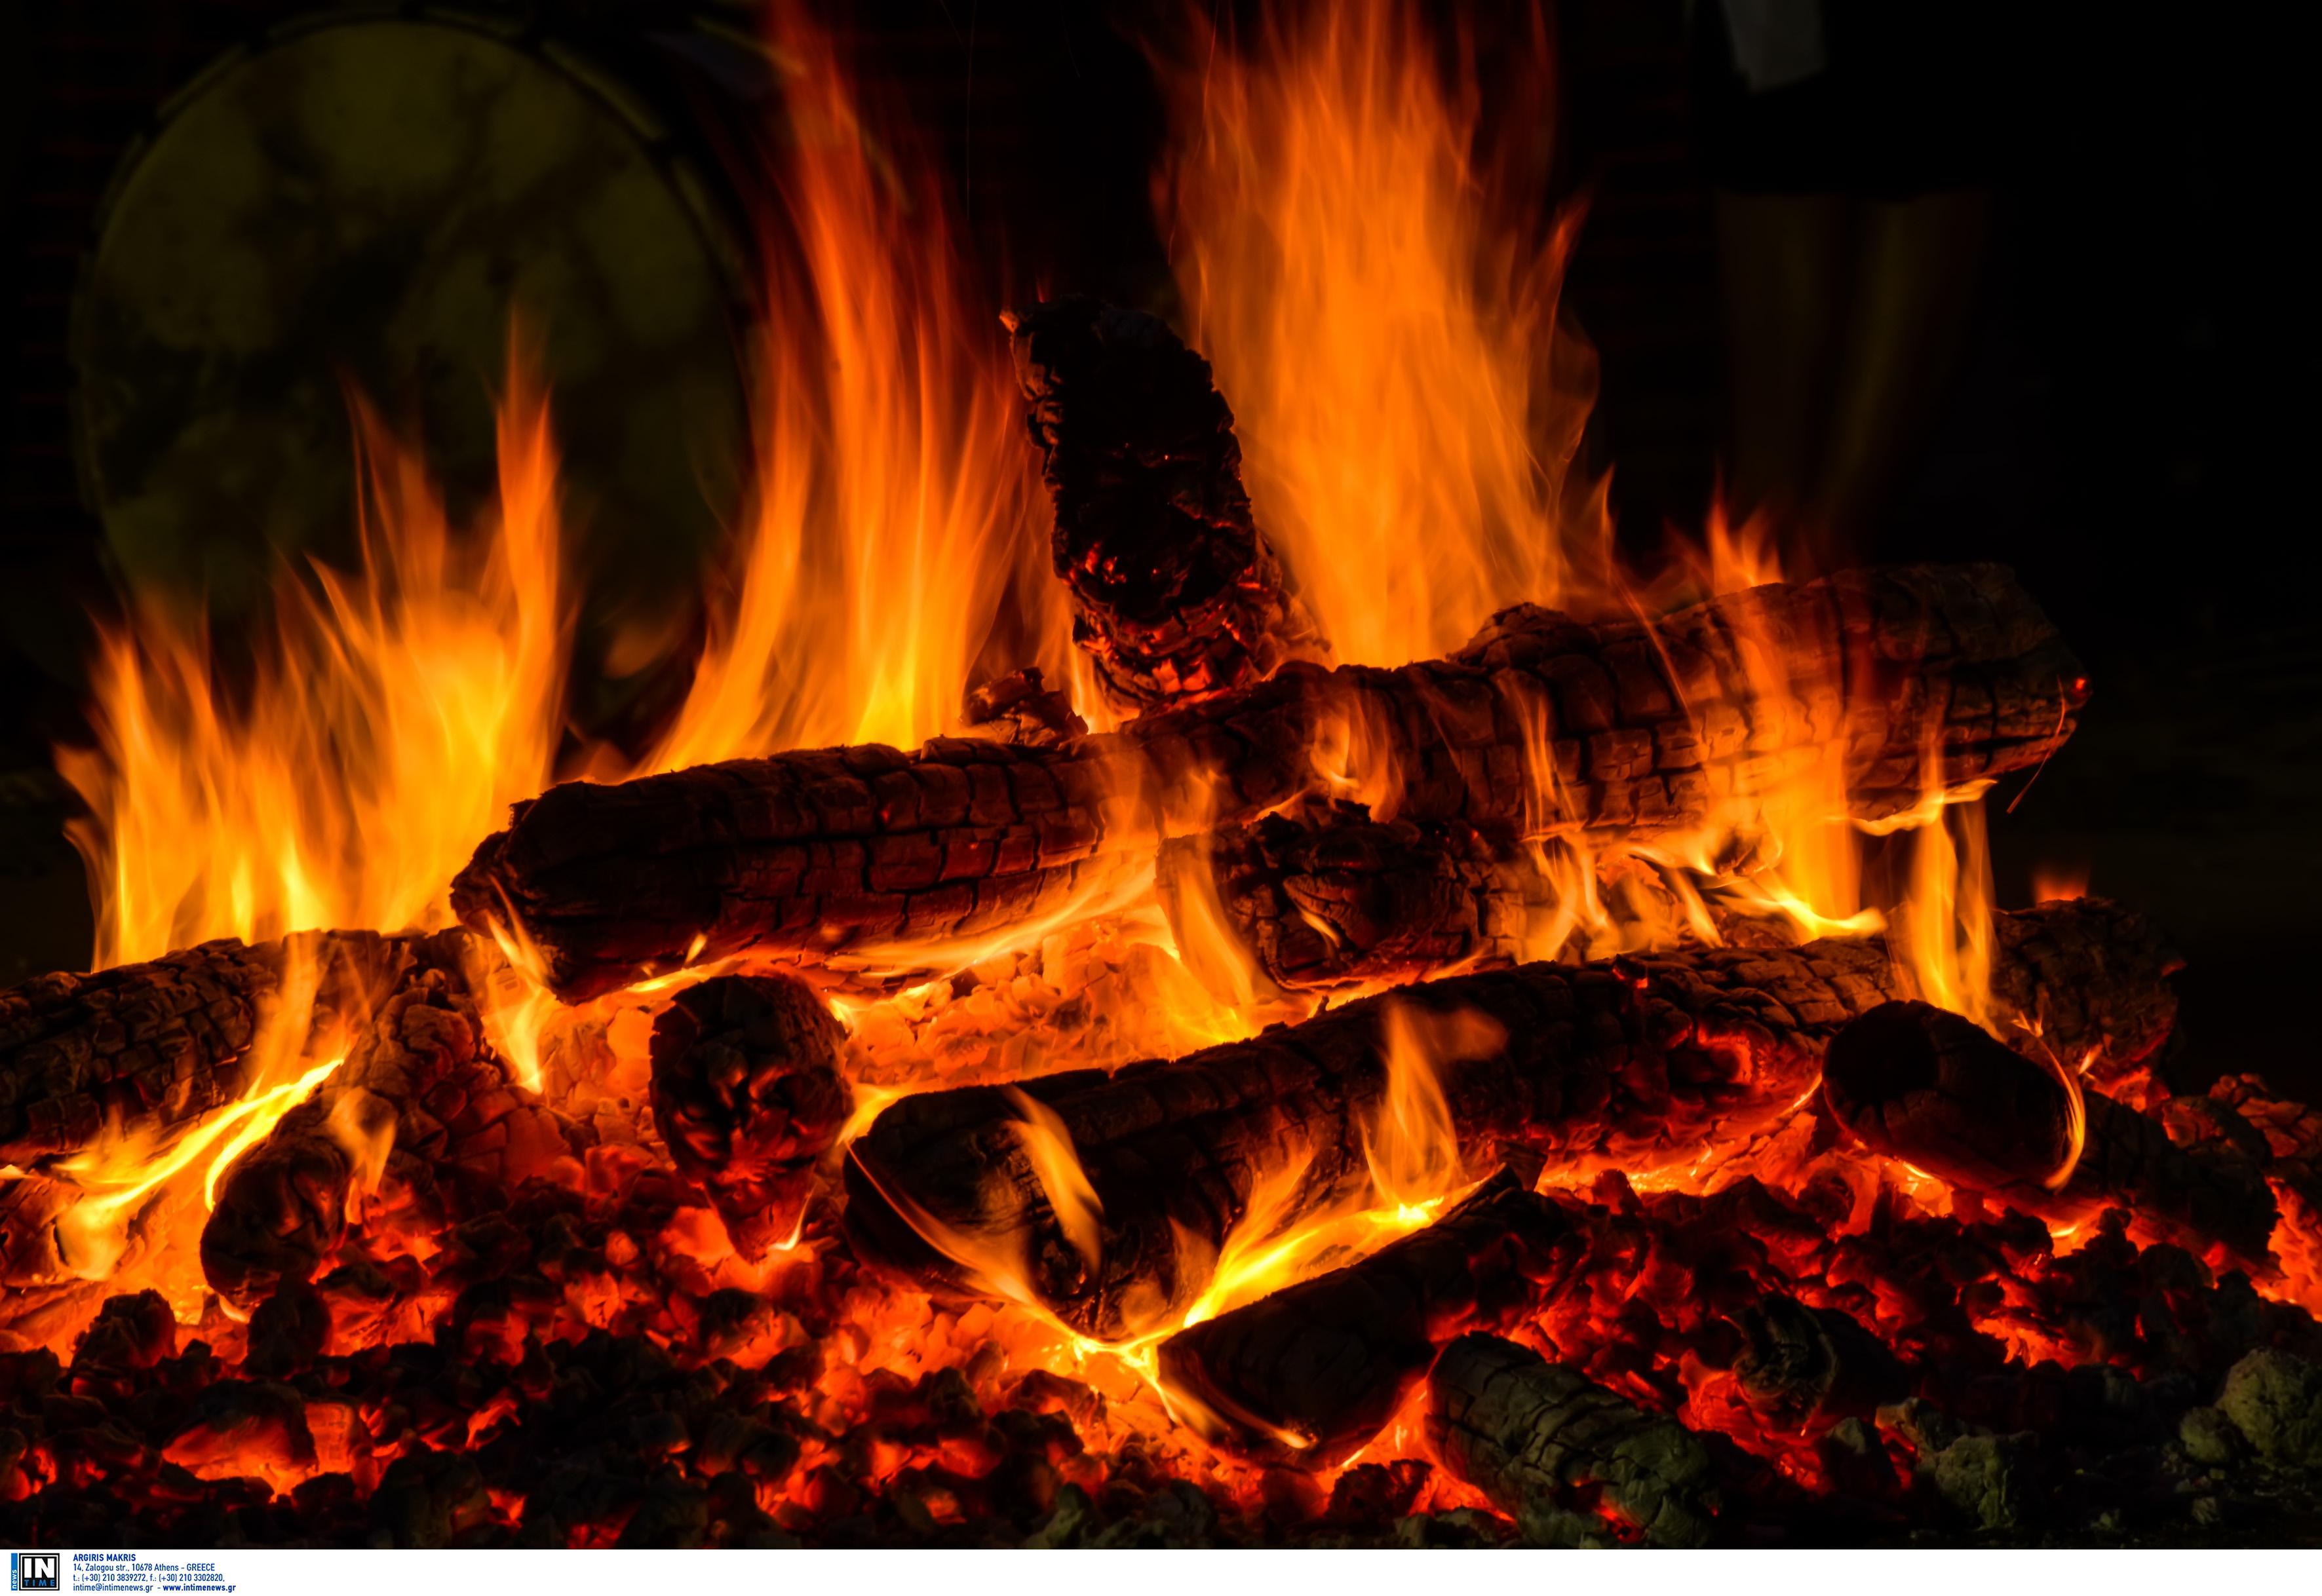 Η θέρμανση πριν μερικούς αιώνες